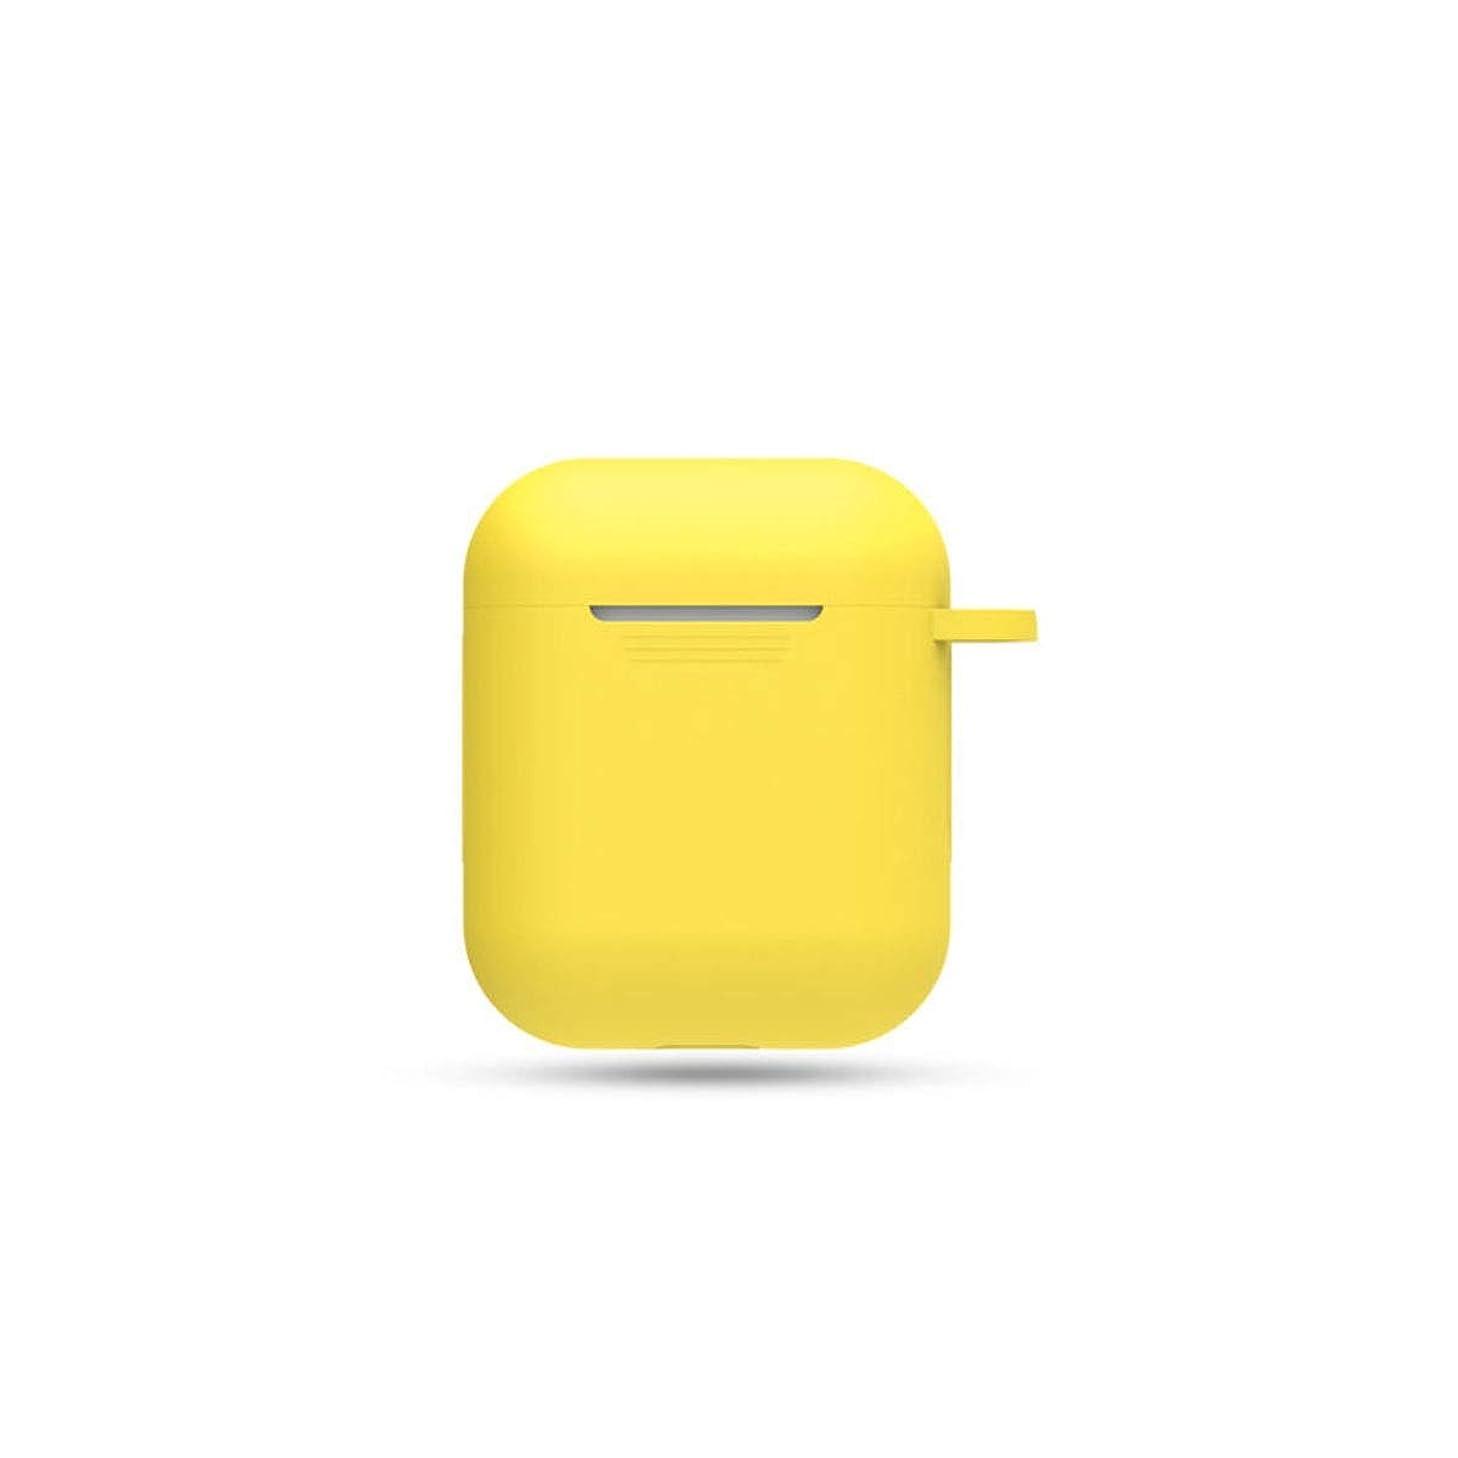 砂漠早熟上級Hongyunshanghang001 ケース用ヘッドホンカバー、クリエイティブな妖精の落下防止、Aridodsケース、赤+紛失防止ロープ(赤) 通気性 (Color : Yellow)